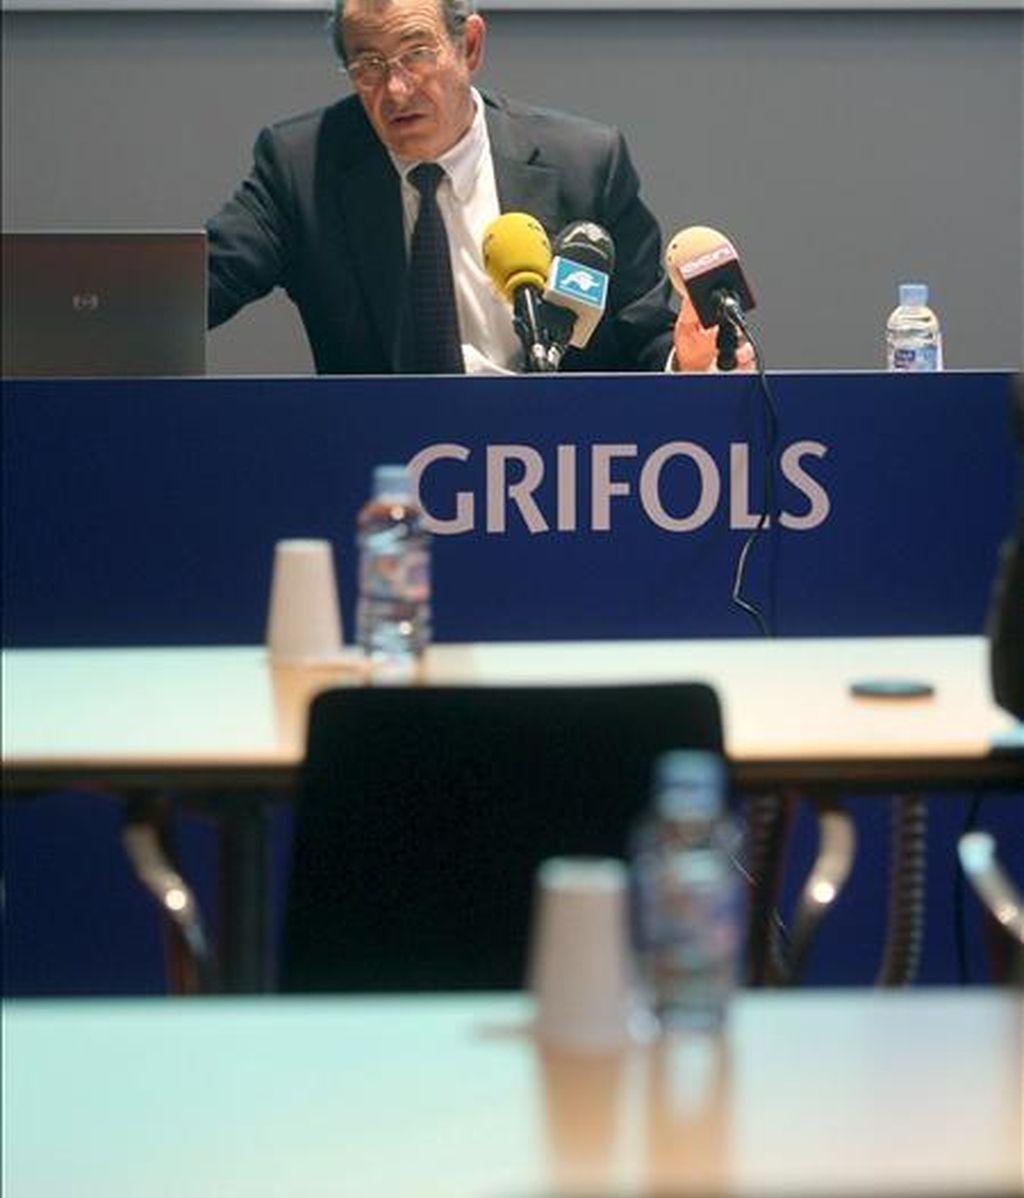 El presidente y consejero delegado de Grifols, Víctor Grifols. EFE/Archivo